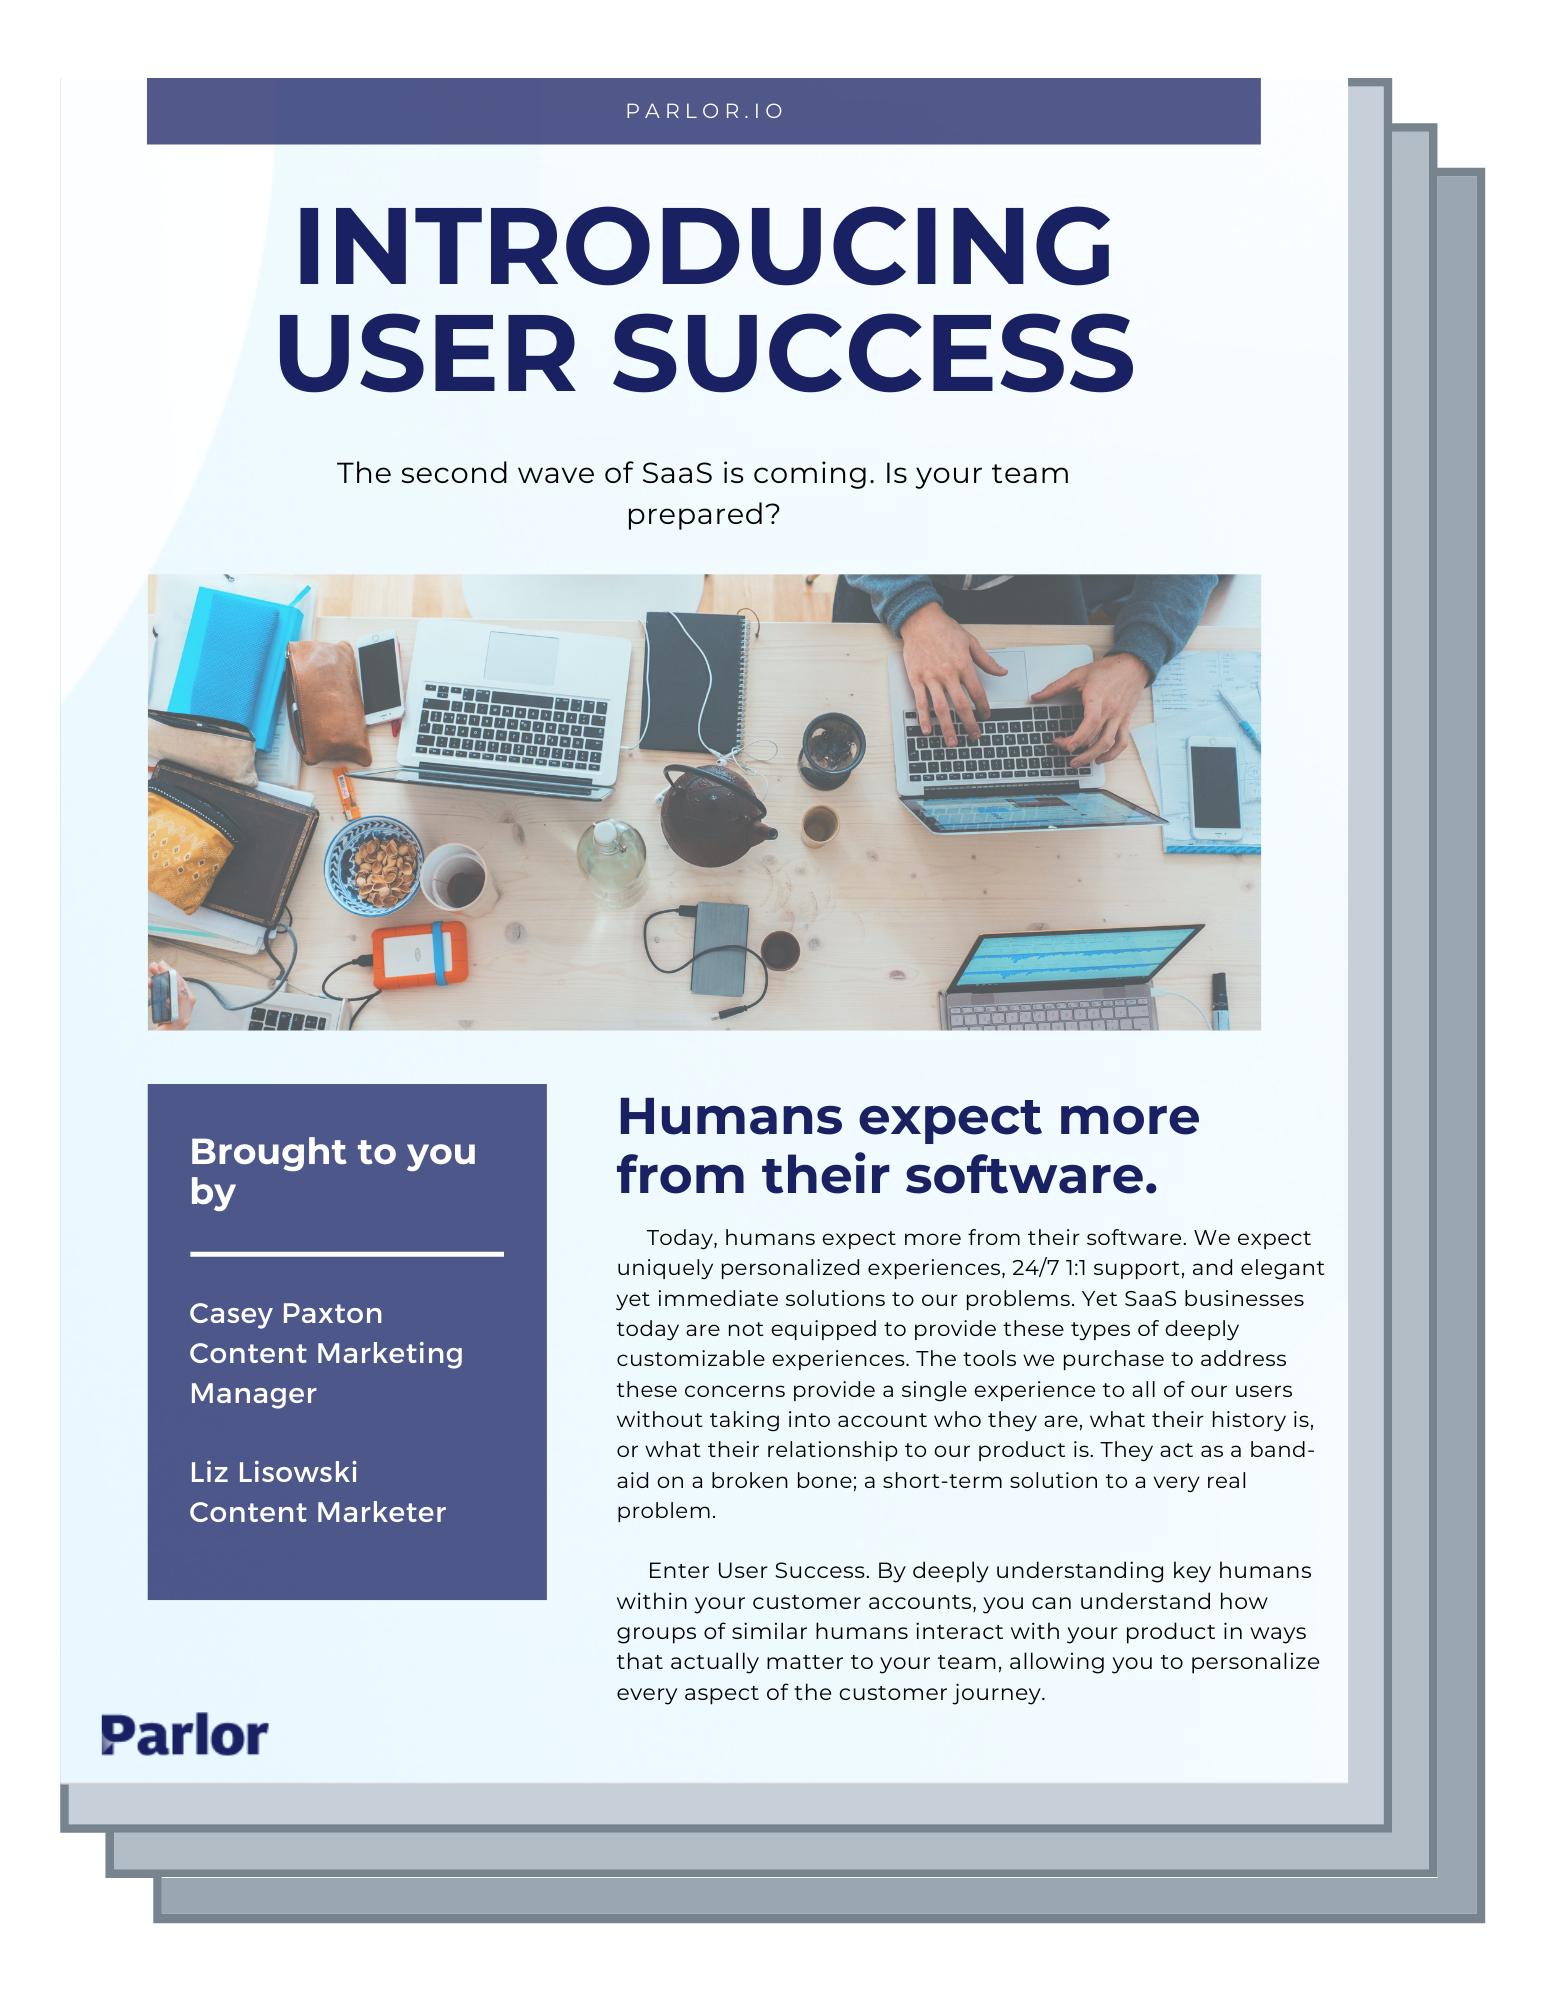 User Success 101